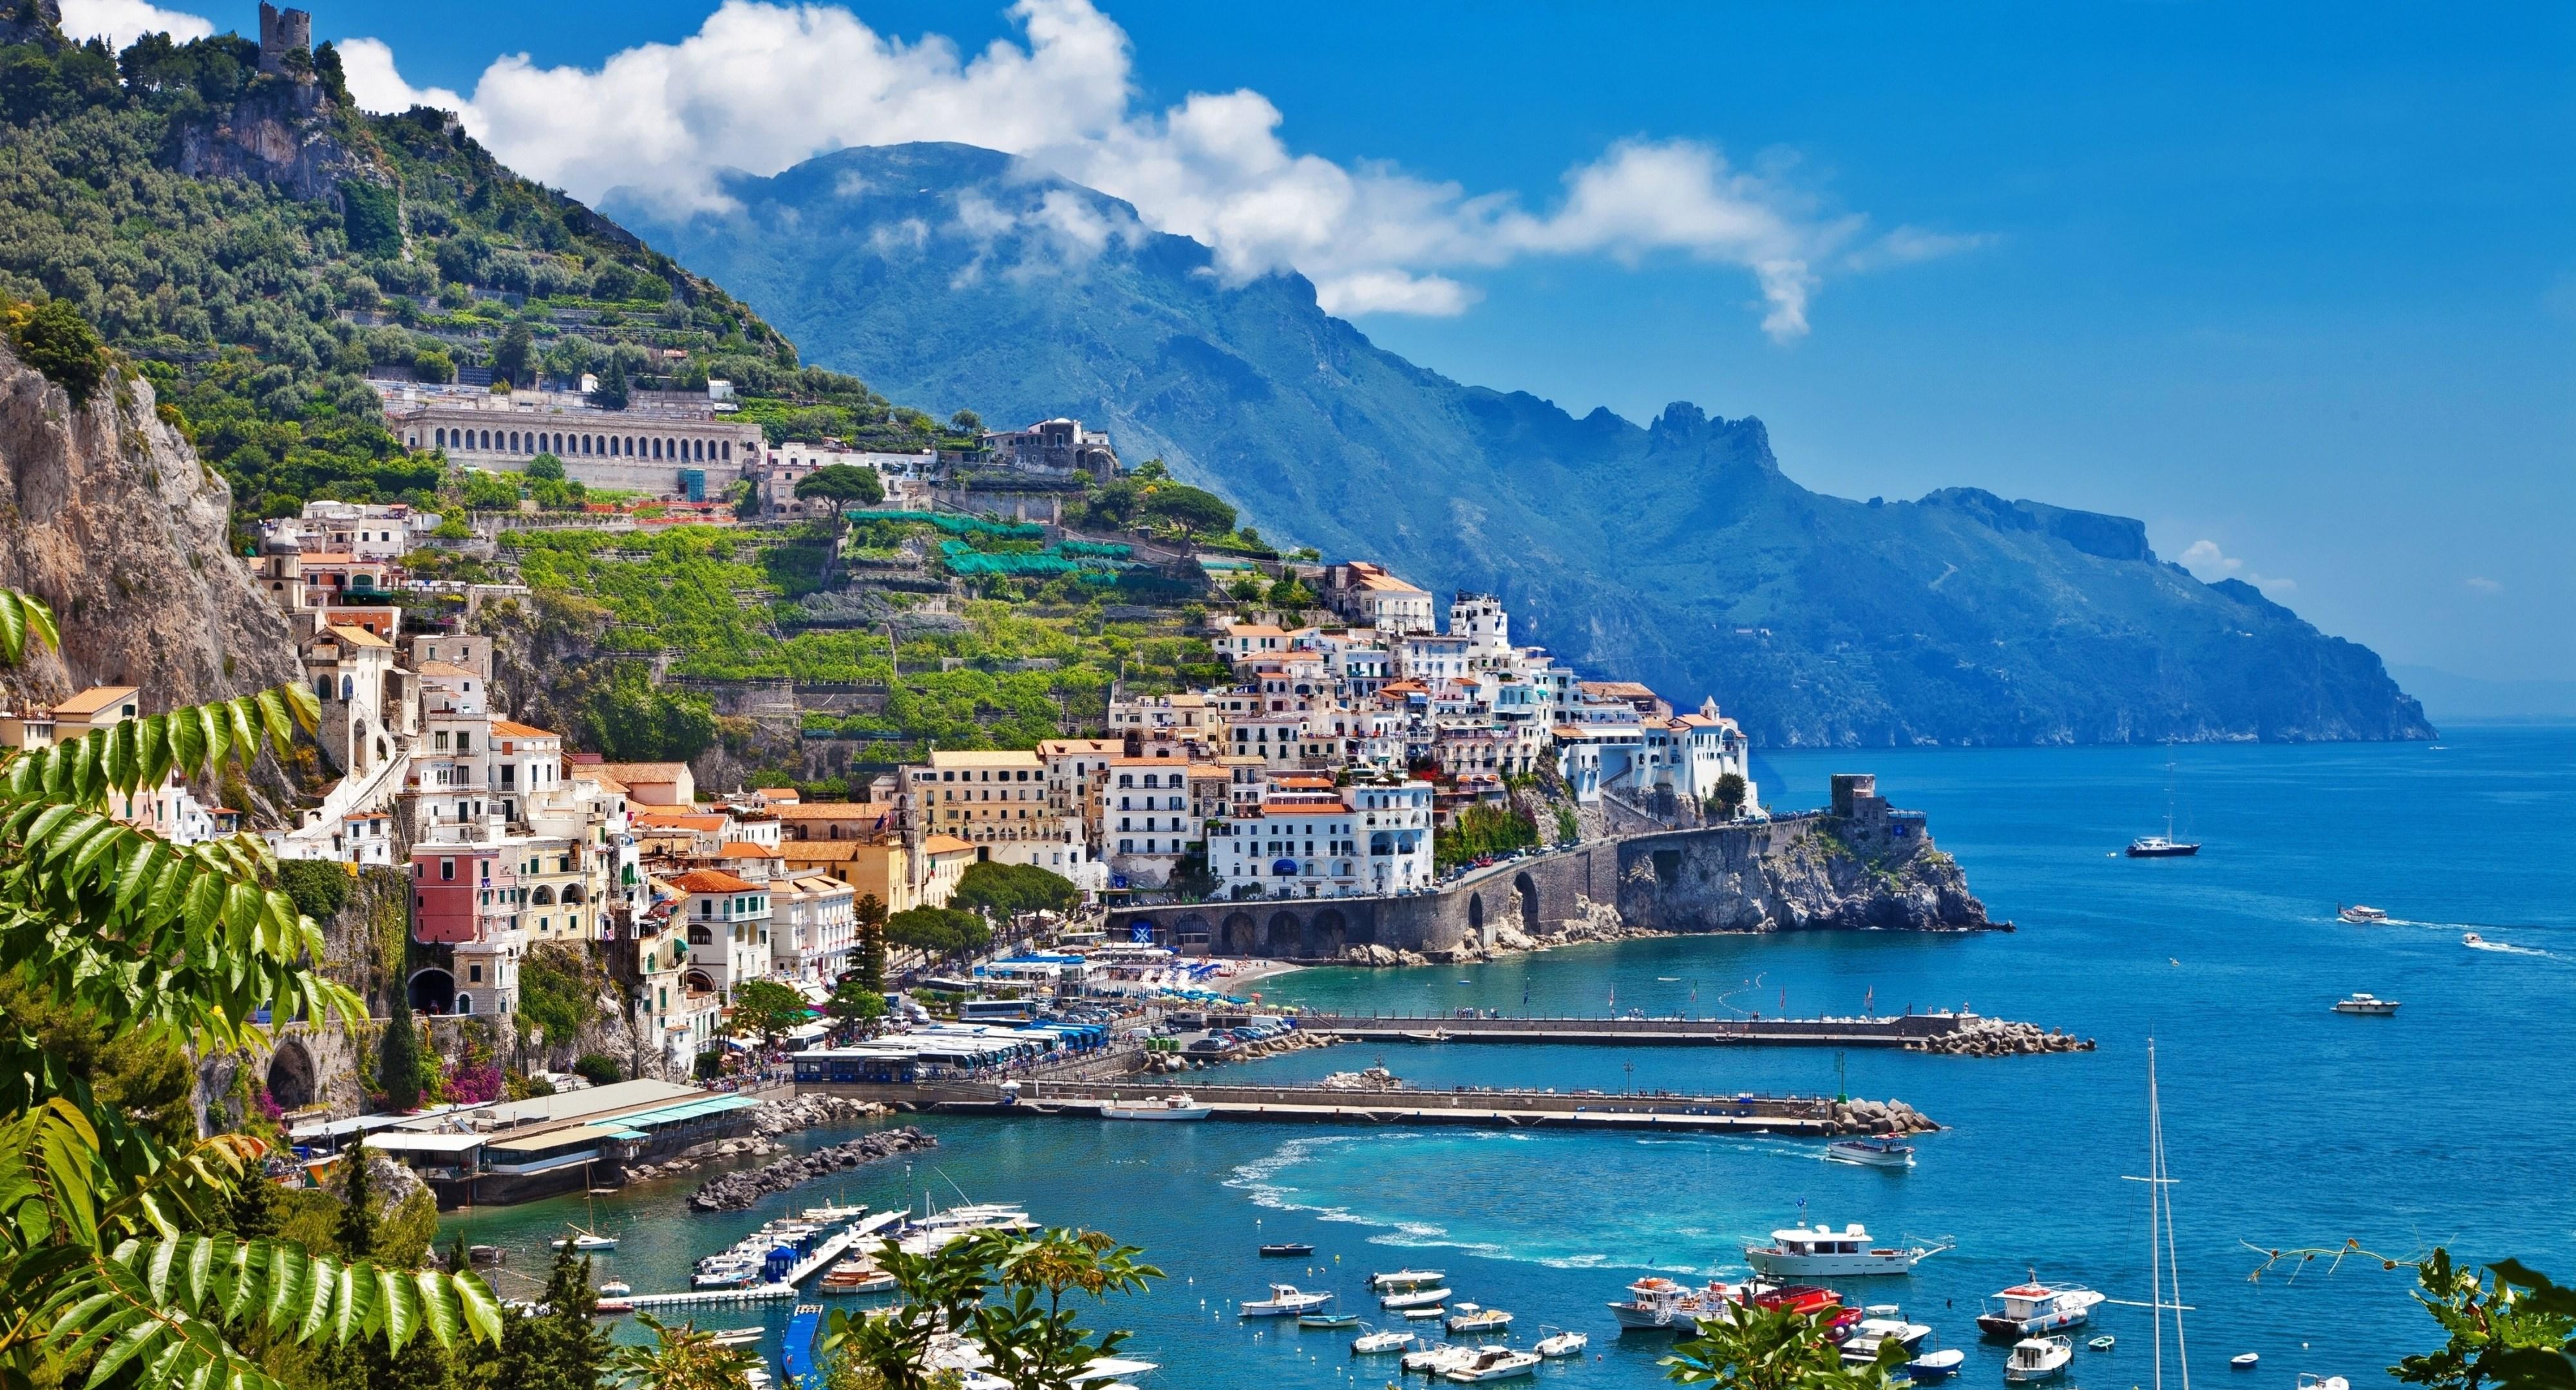 фото море италия